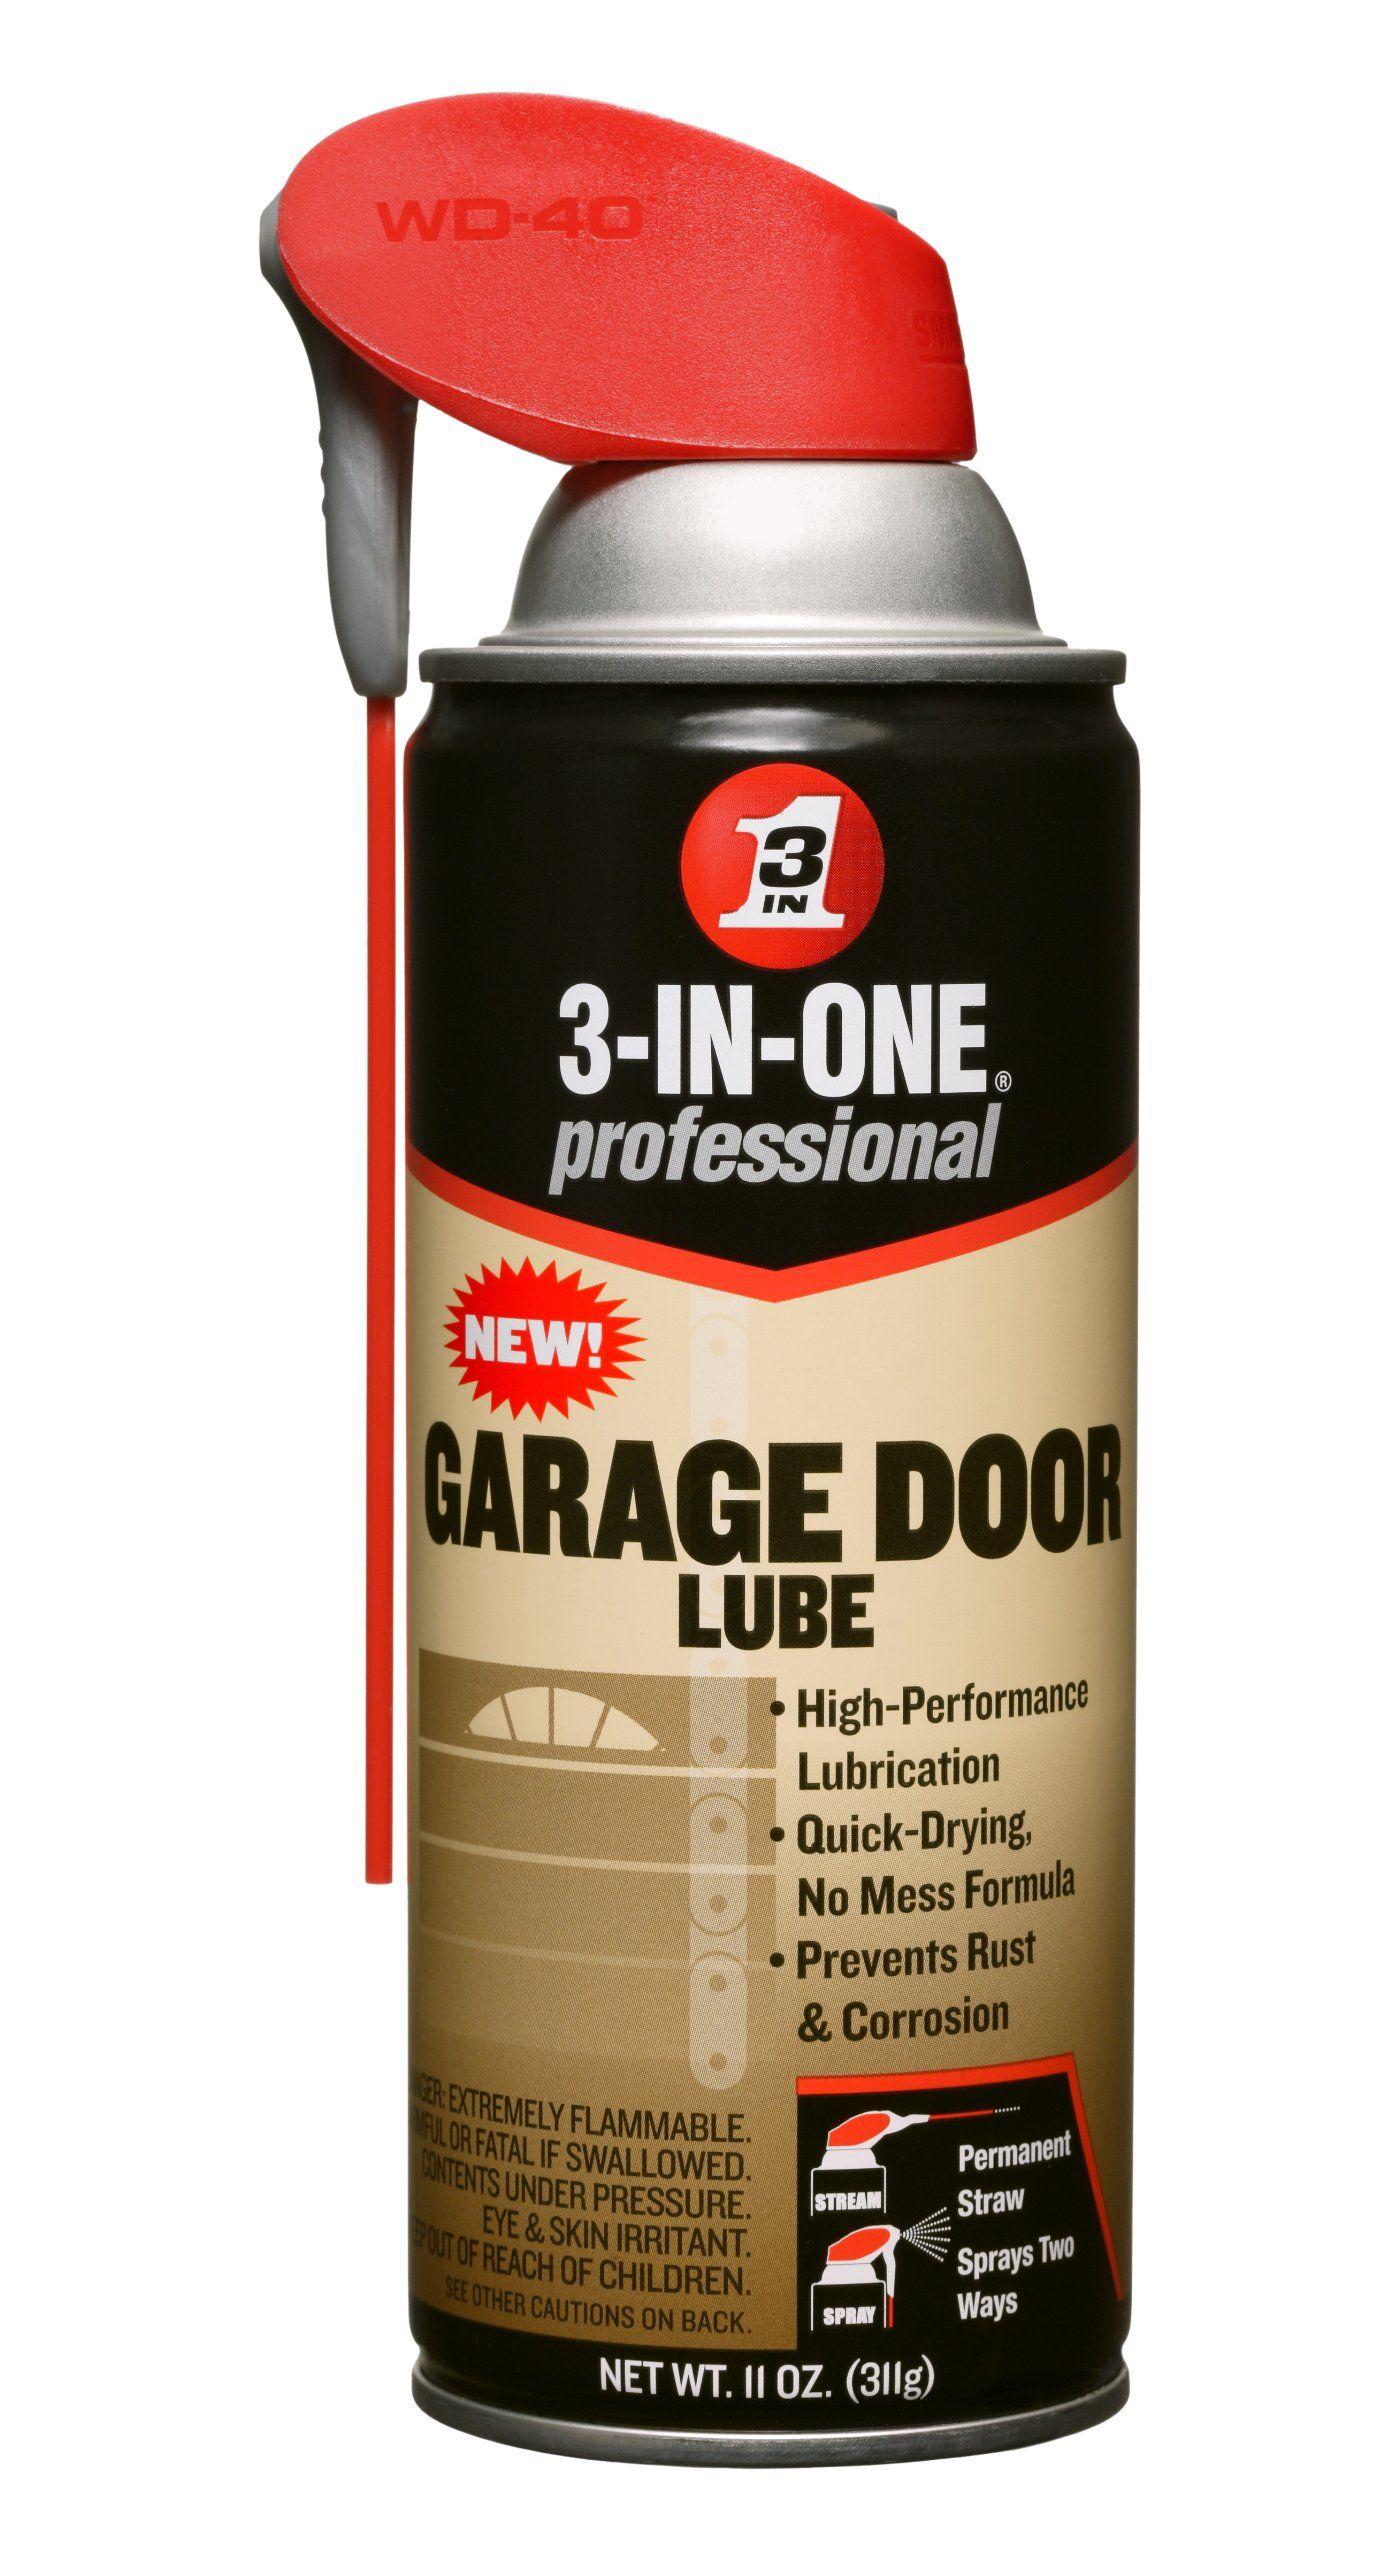 3 In One 100584 Professional Garage Door Lubricant Spray 11 Oz Pack Of 1 Garage Door Lubricant Garage Doors Garage